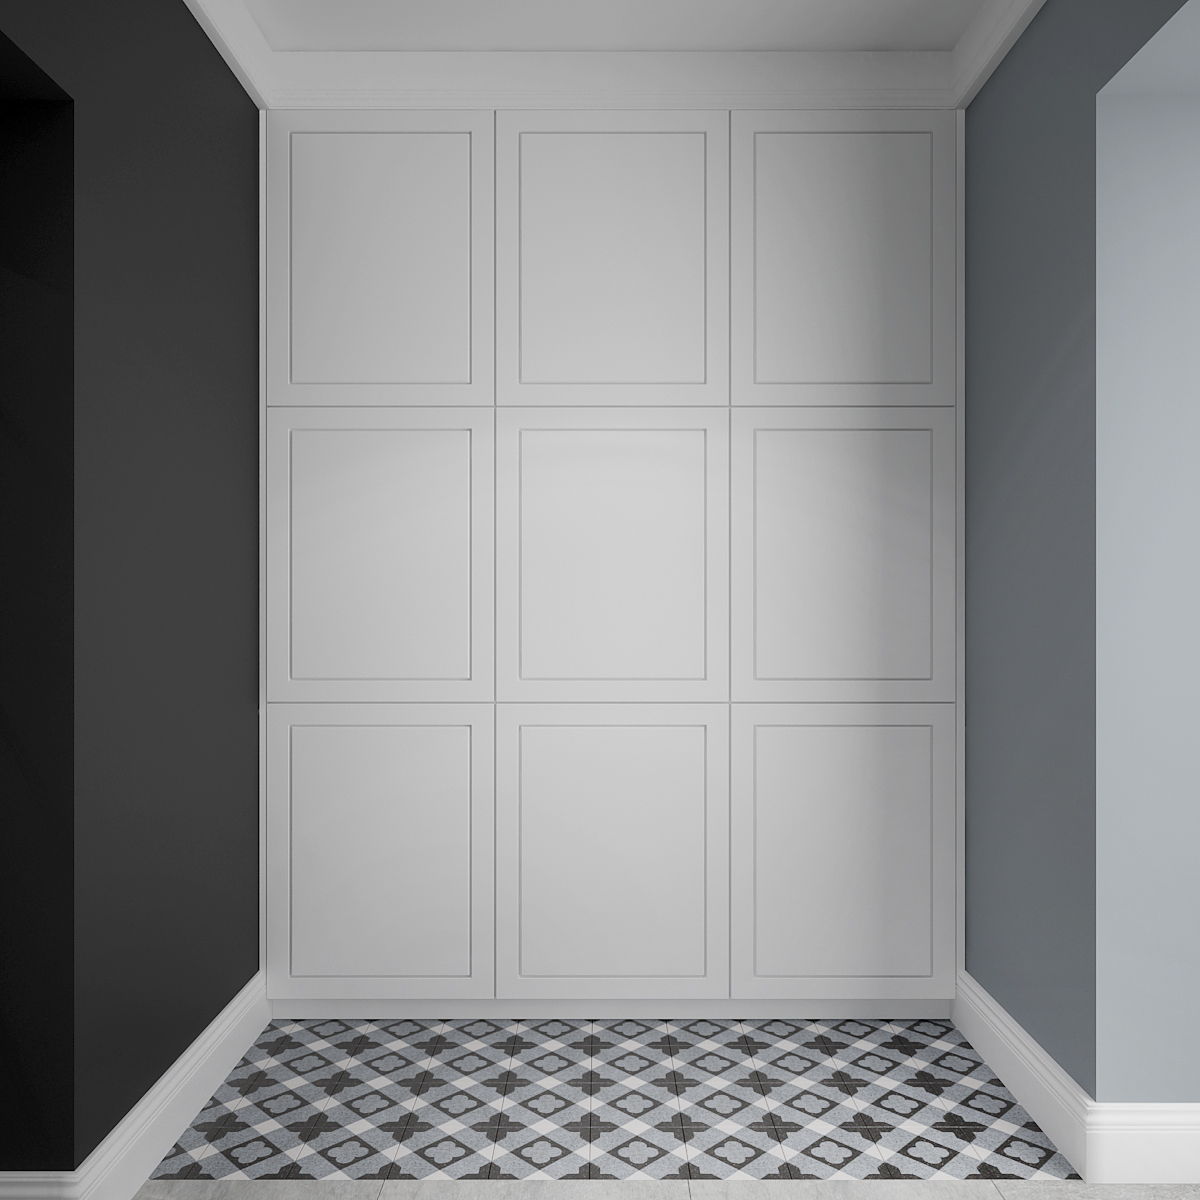 12 architek wnetrz D538 dom nowy sacz przedsionek plytki betonowe zabudowa garderobiana